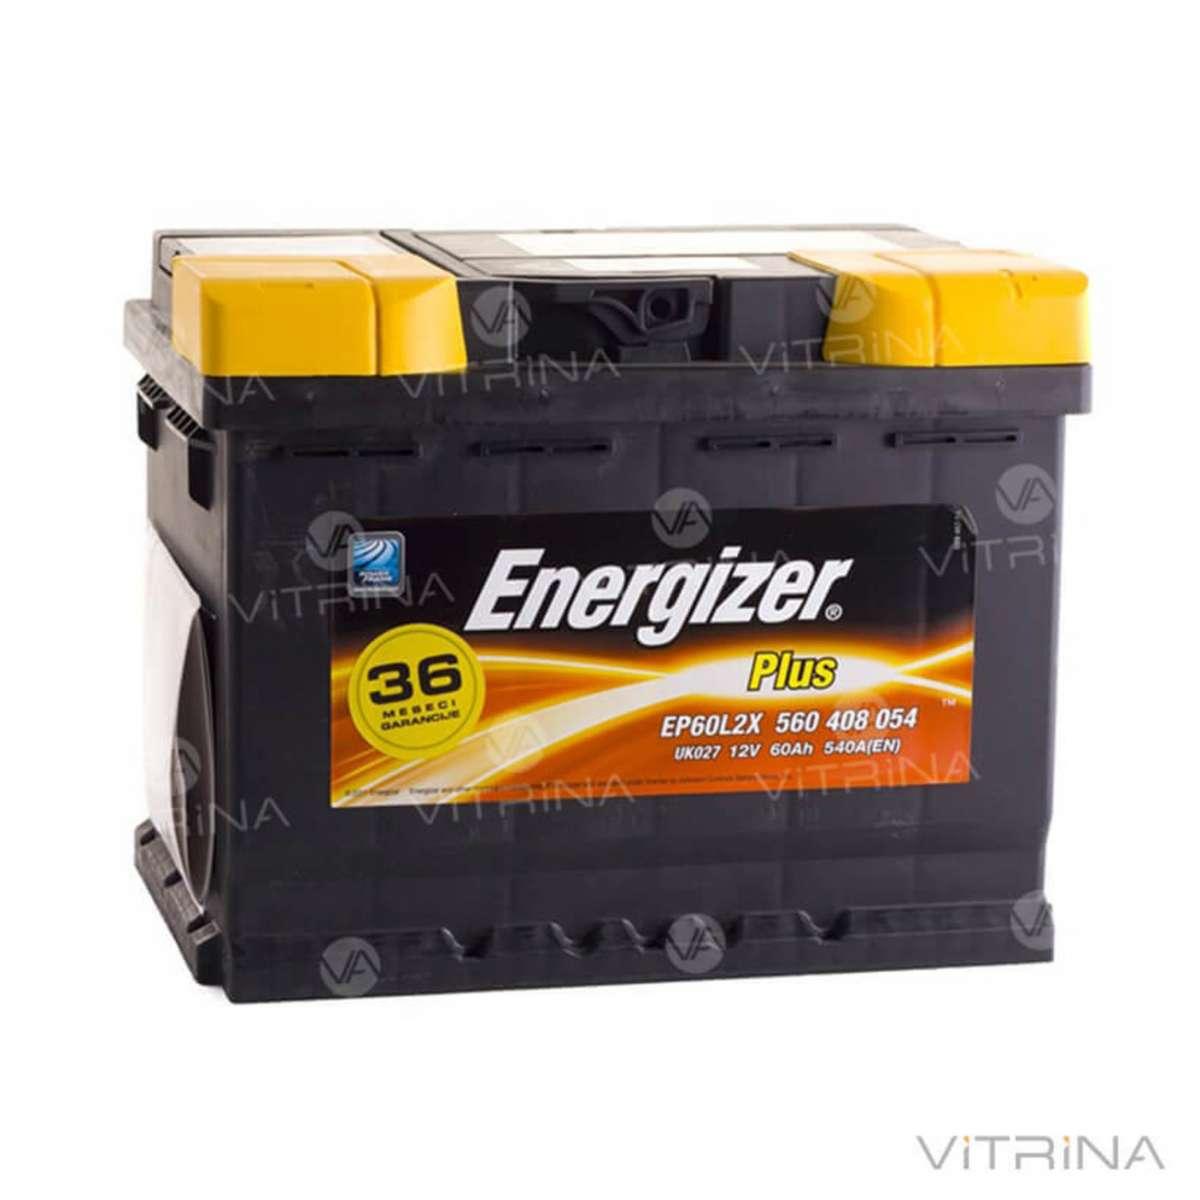 Аккумулятор ENERGIZER Plus 60Ah-12v 242х175х190 со стандартными